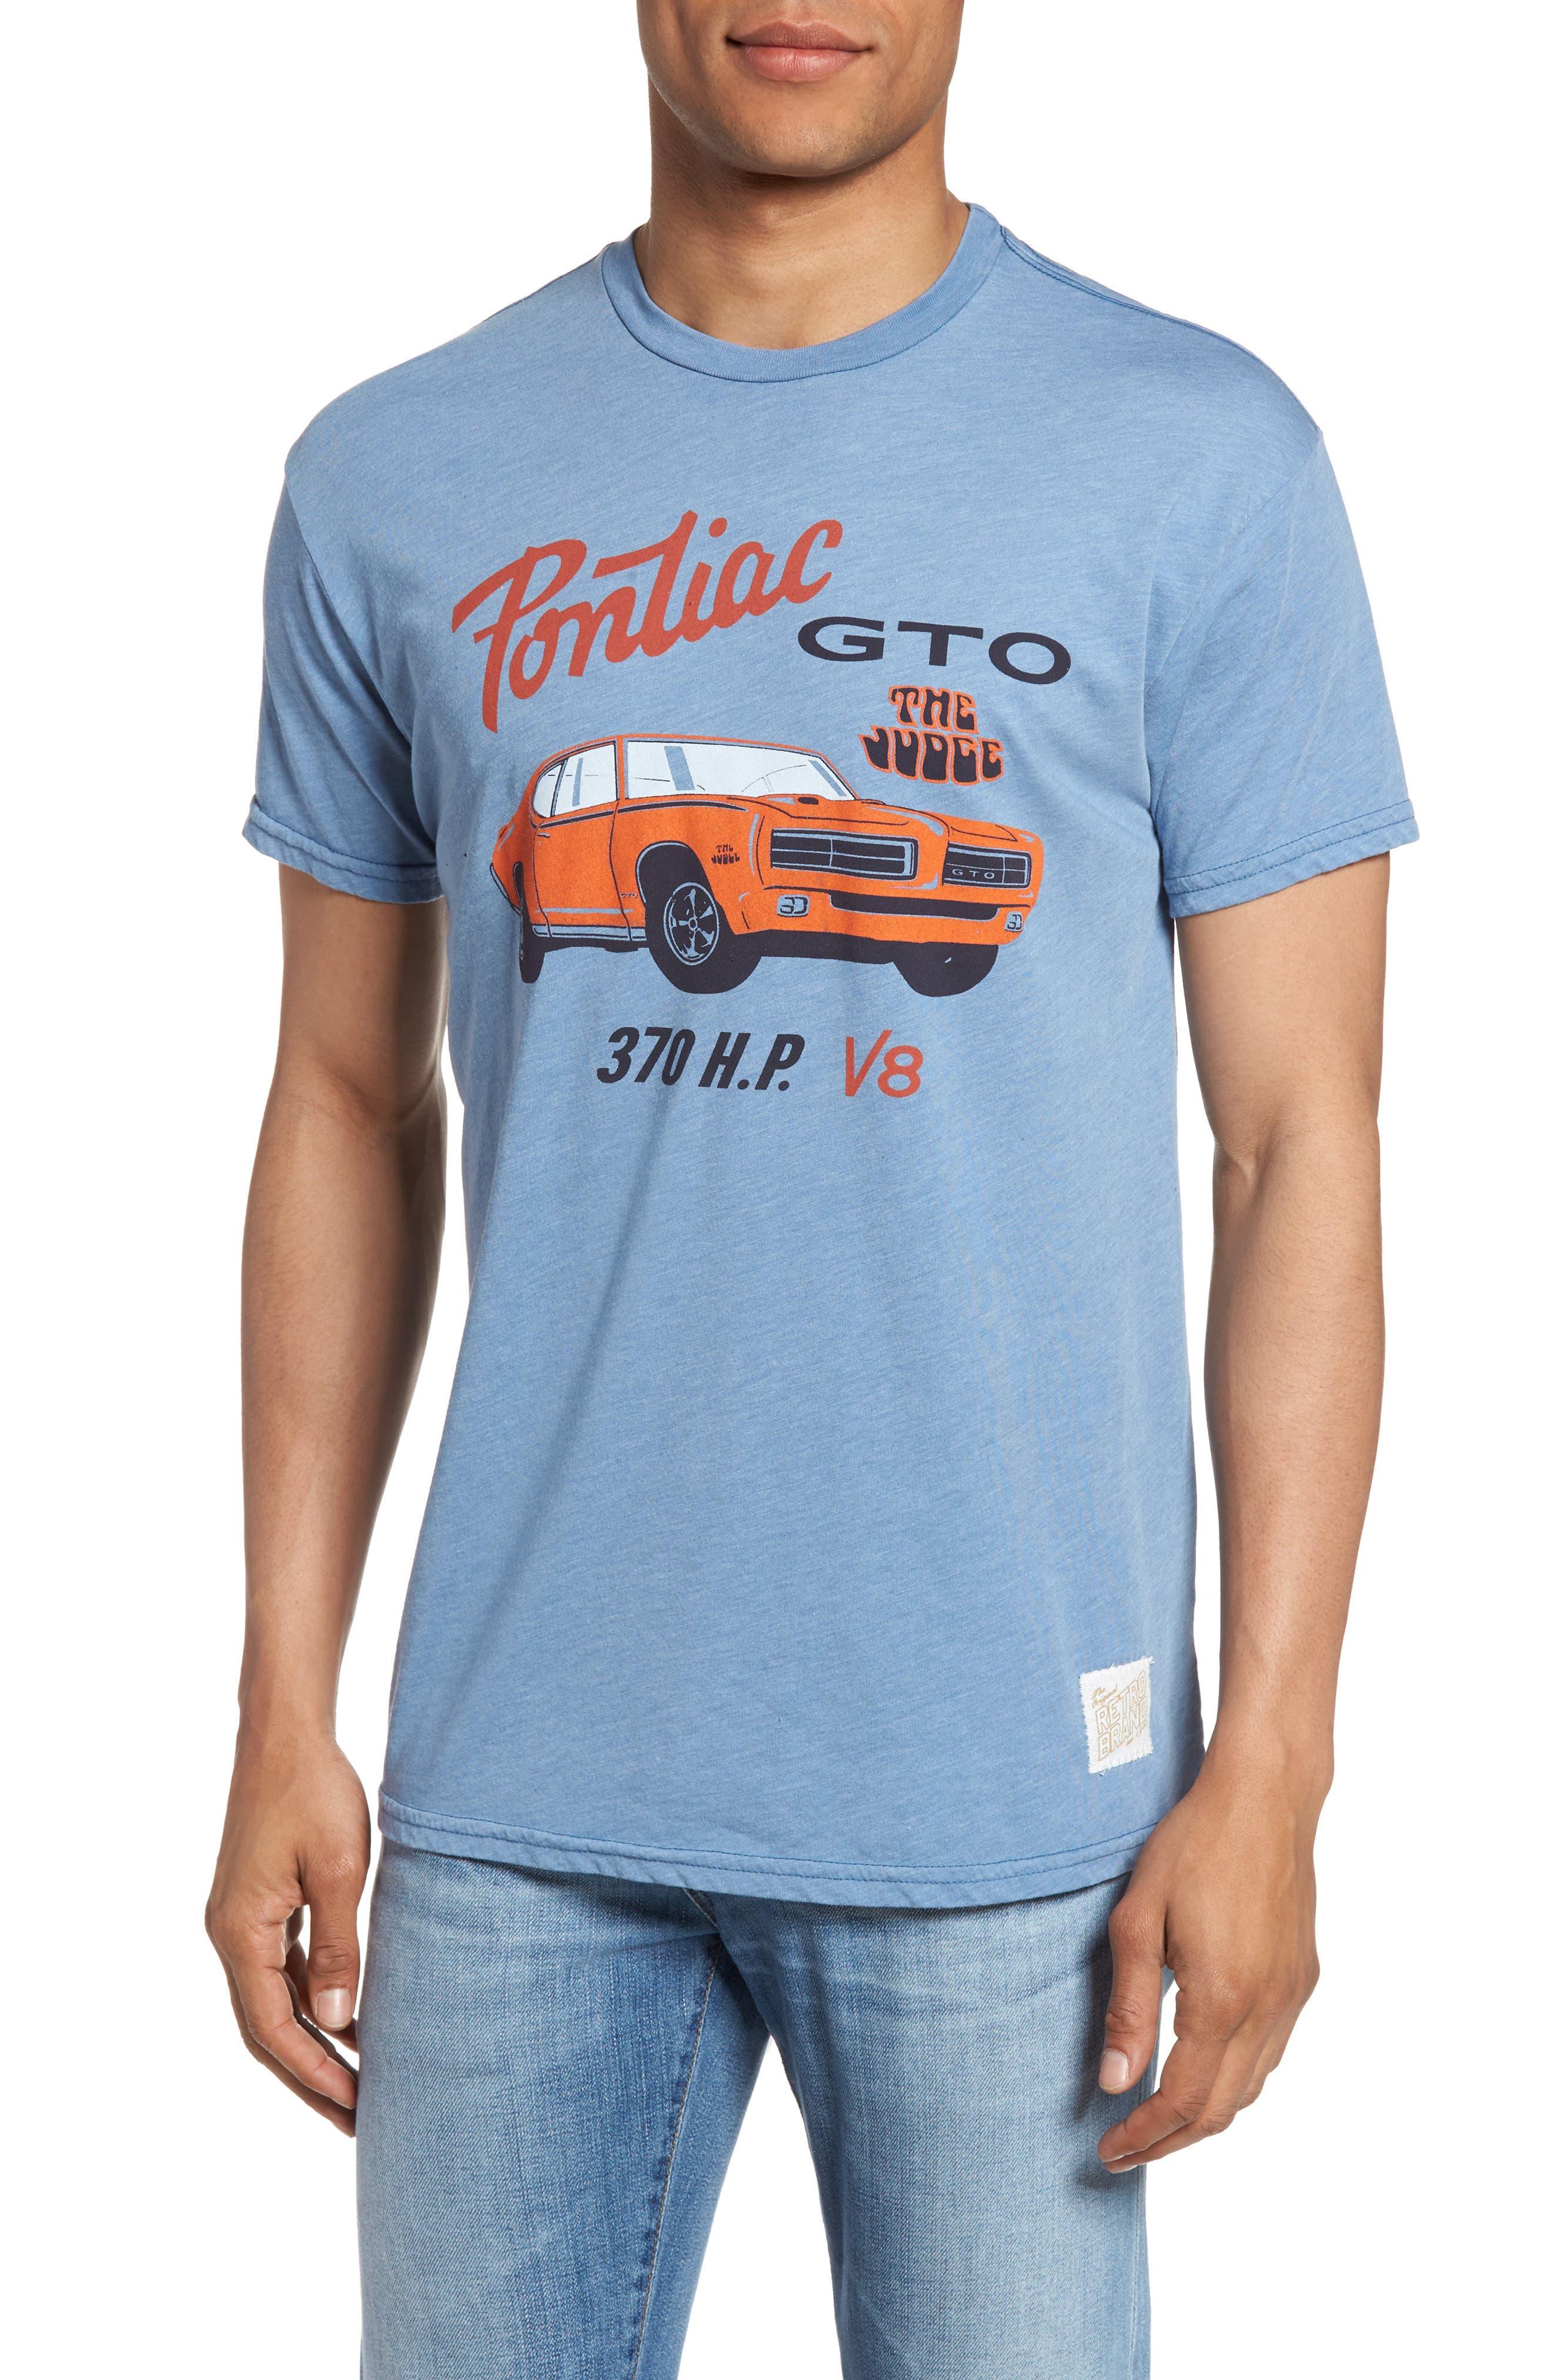 RETRO BRAND Original Retro Brand Pontiac GTO Graphic T-Shirt